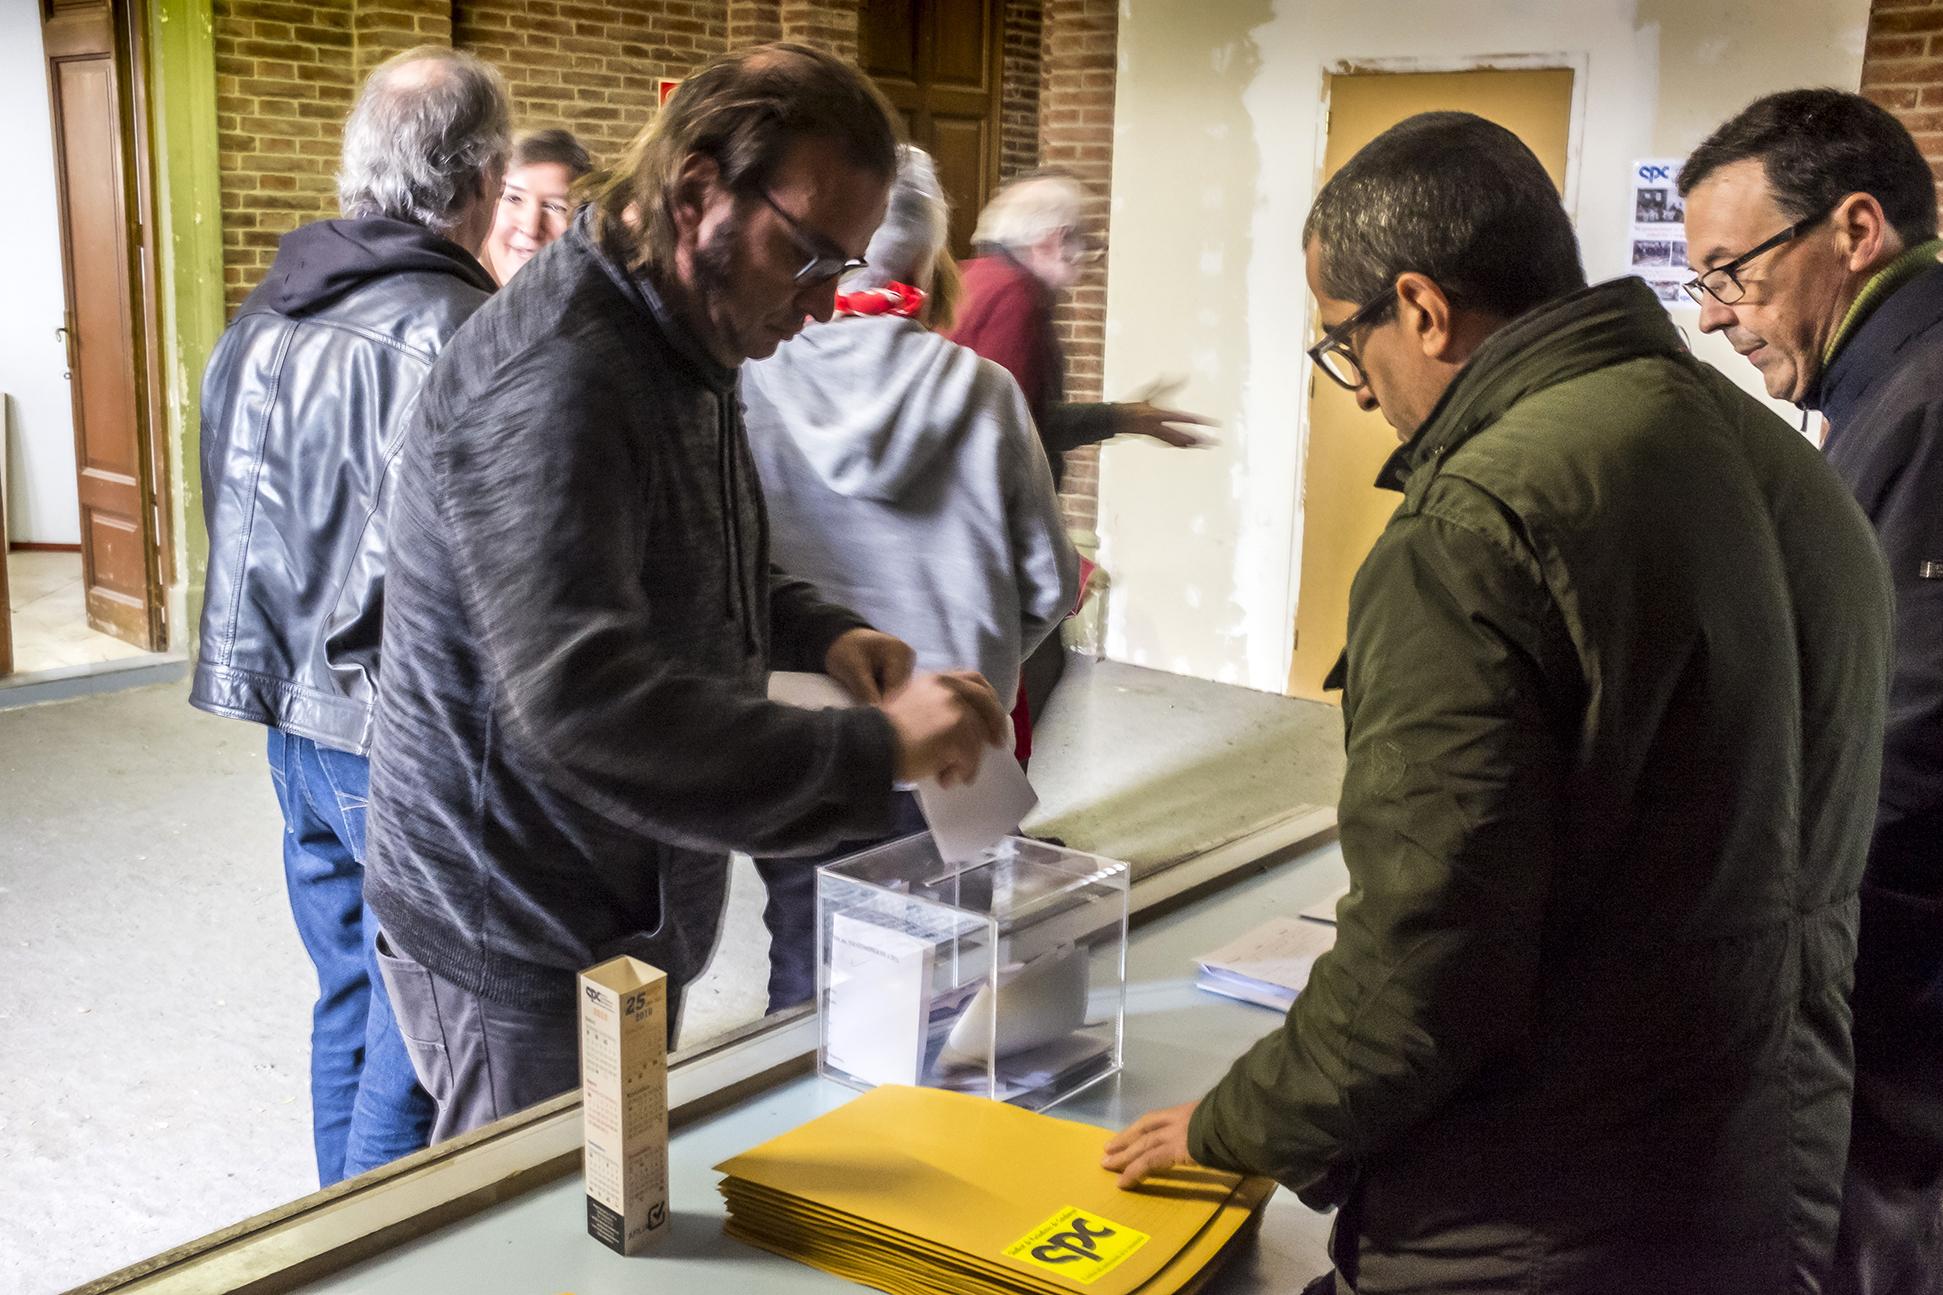 VIII Congrés SPC 2018 - Votacions - Foto: Joan Puig - Sindicat de Periodistes de Catalunya - Sindicat de Professionals de la Comunicació